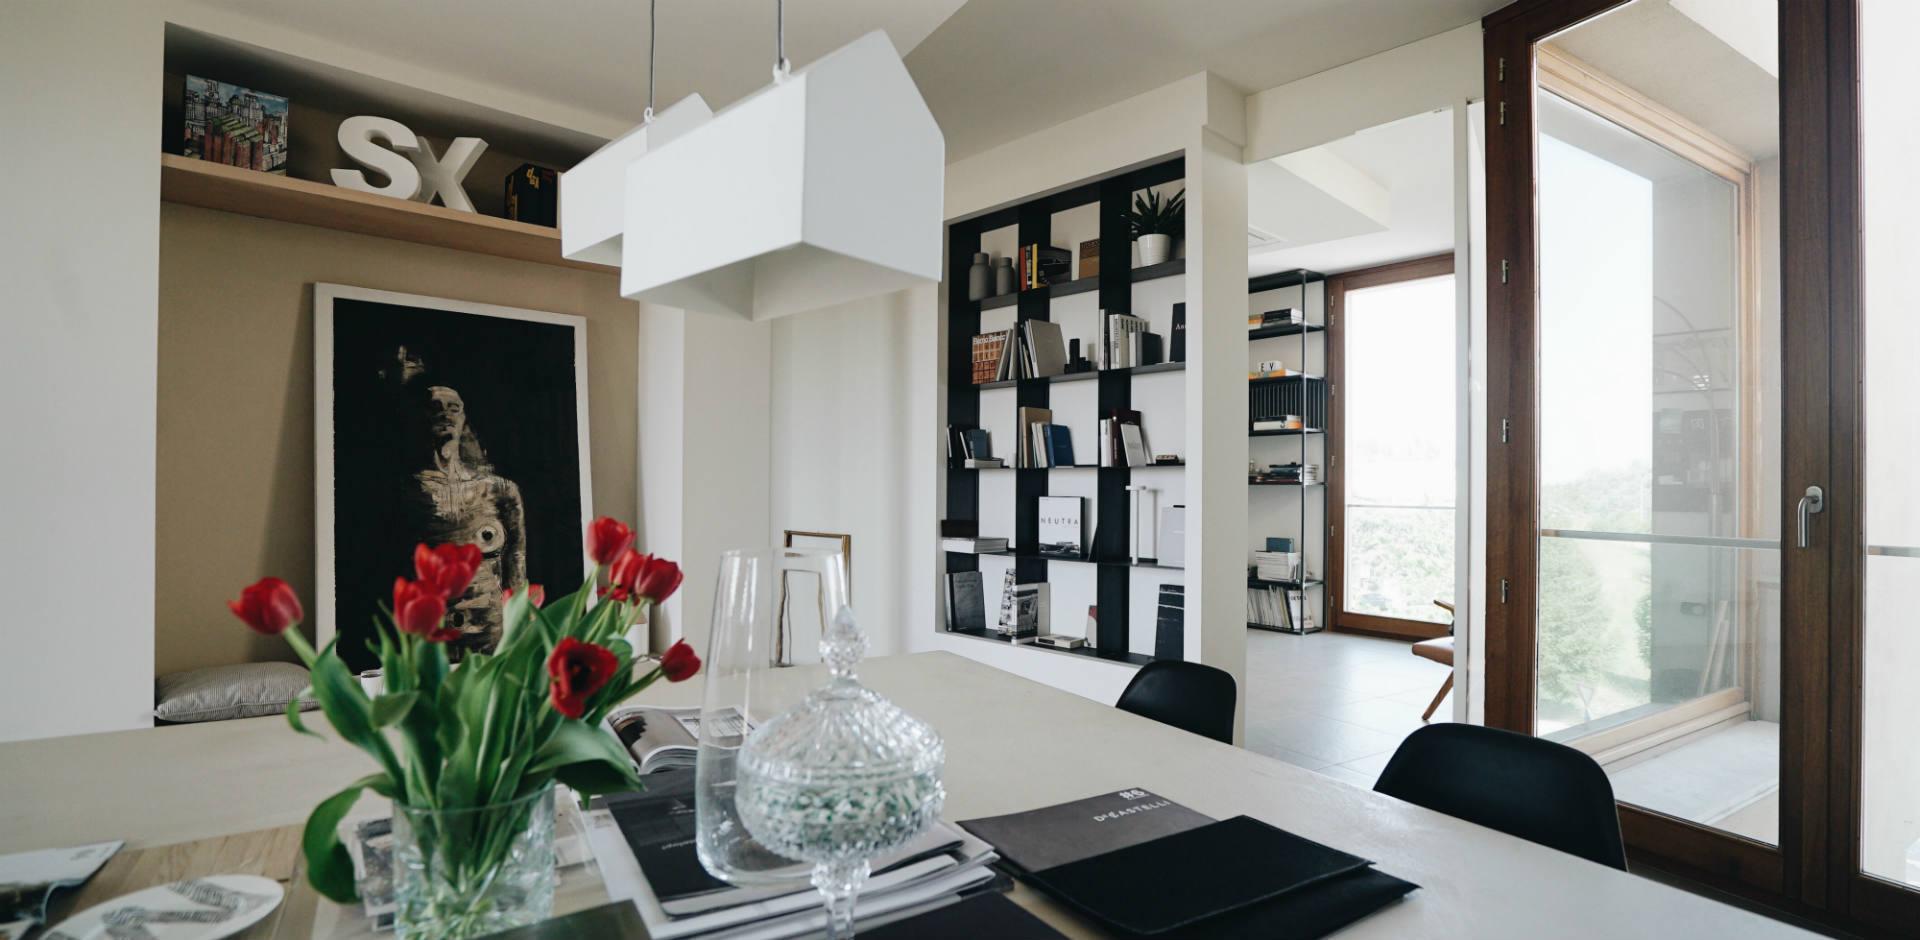 Fotografia dello studio di architettura dArc